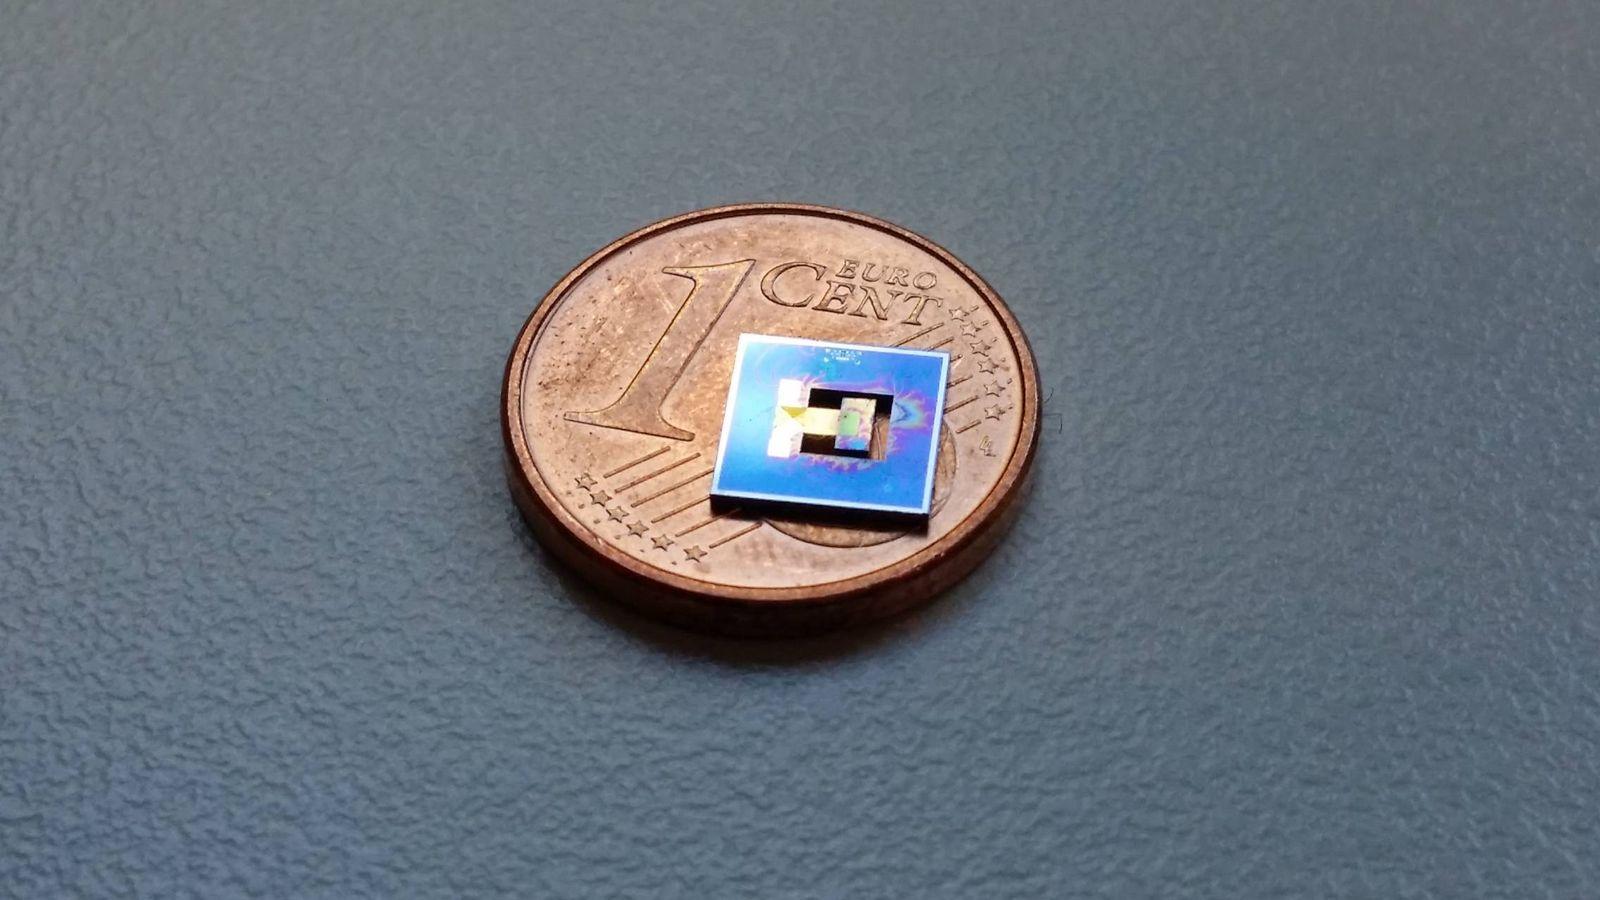 Un-invento-espanol-que-saca-la-energia-del-aire-para-sustituir-las-baterias